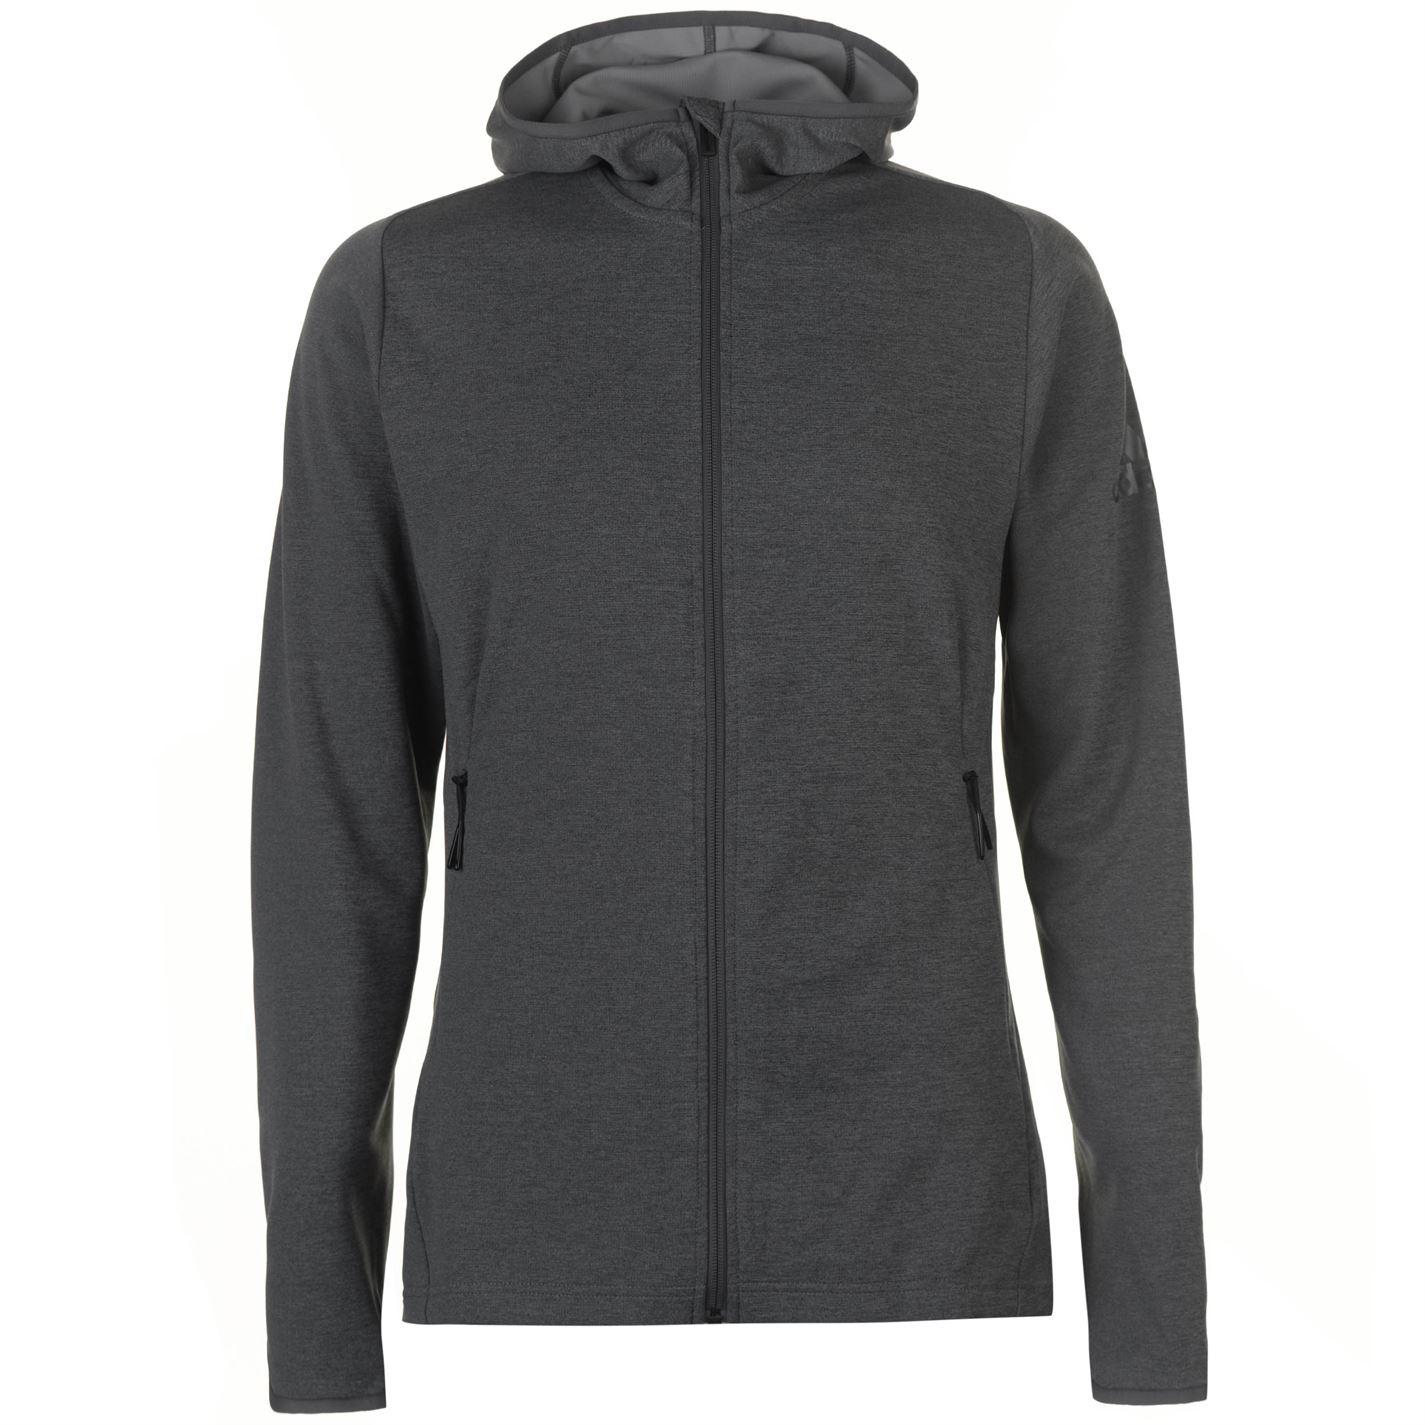 Adidas Full Zip Climacool Hoodie Mens